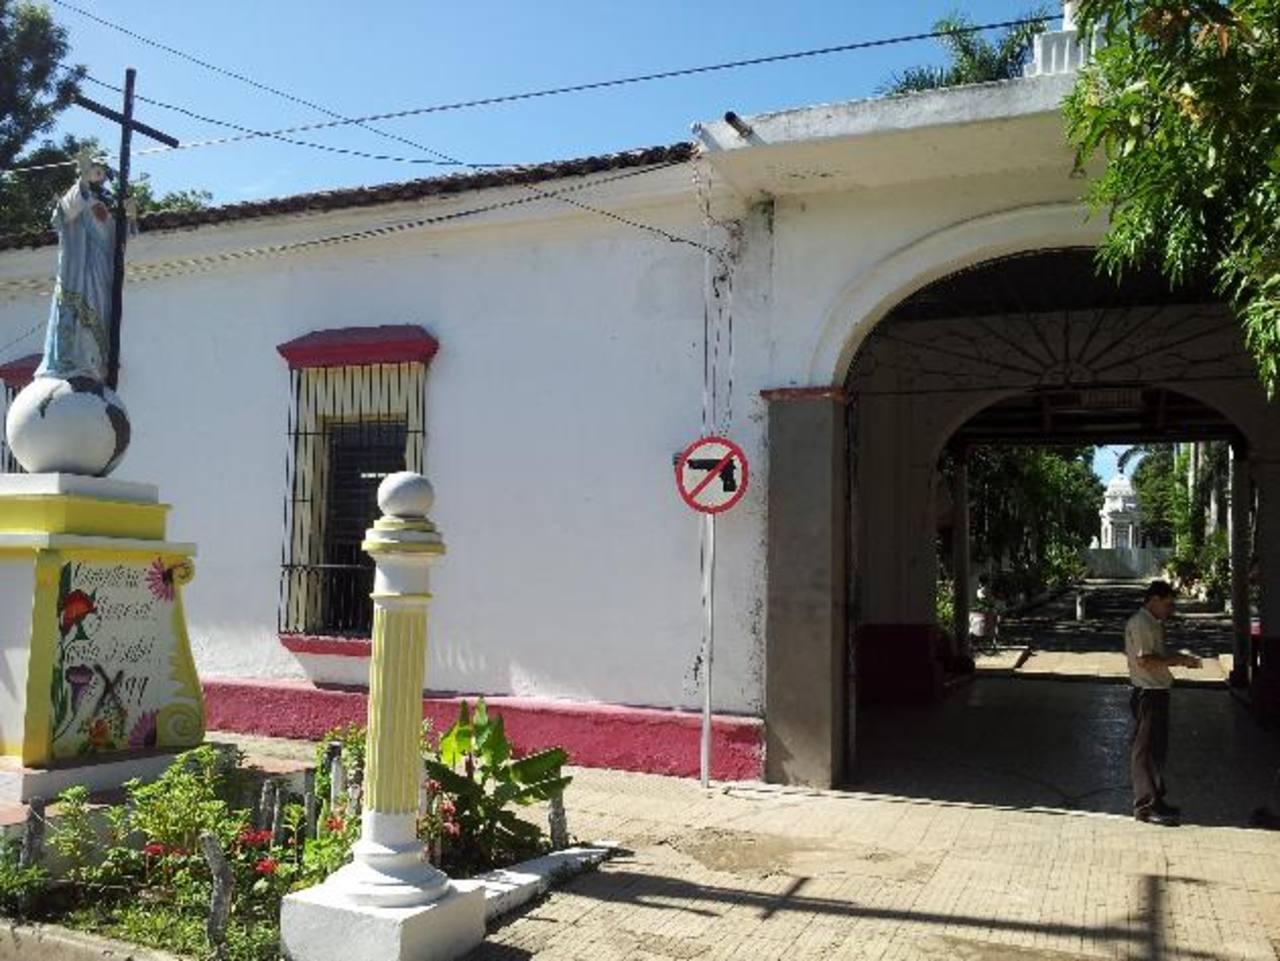 El cementerio Santa Isabel es el principal camposanto que existe en Santa Ana. Las salas buscaban ayudar a las personas.